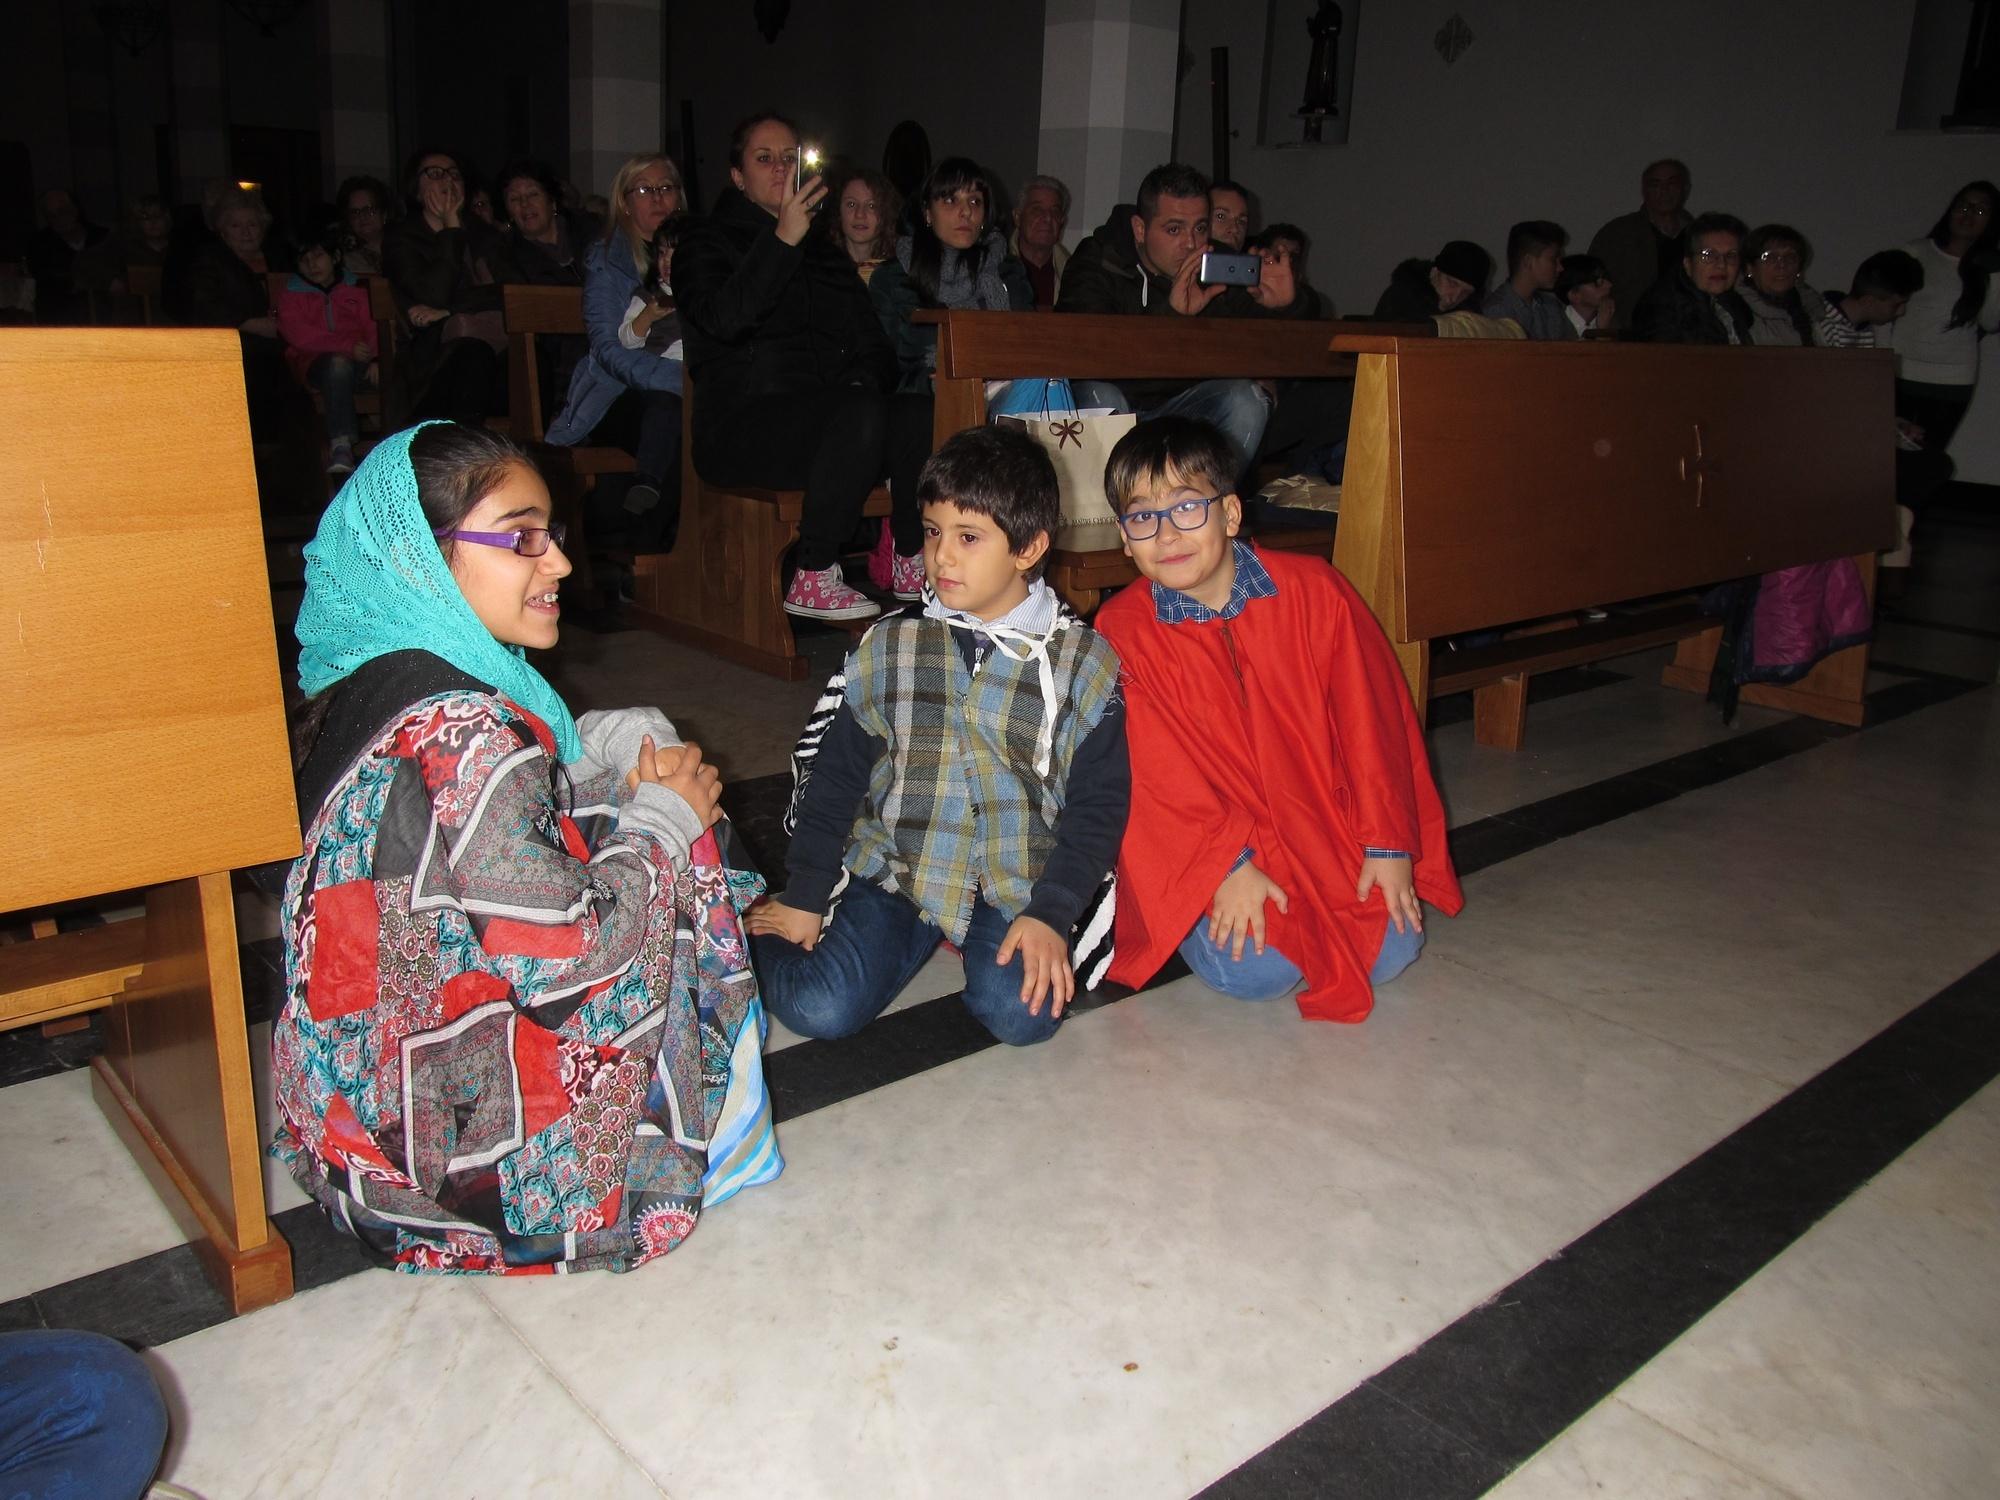 recita-catechismo-natale-vigilia-2015-12-24-17-31-53